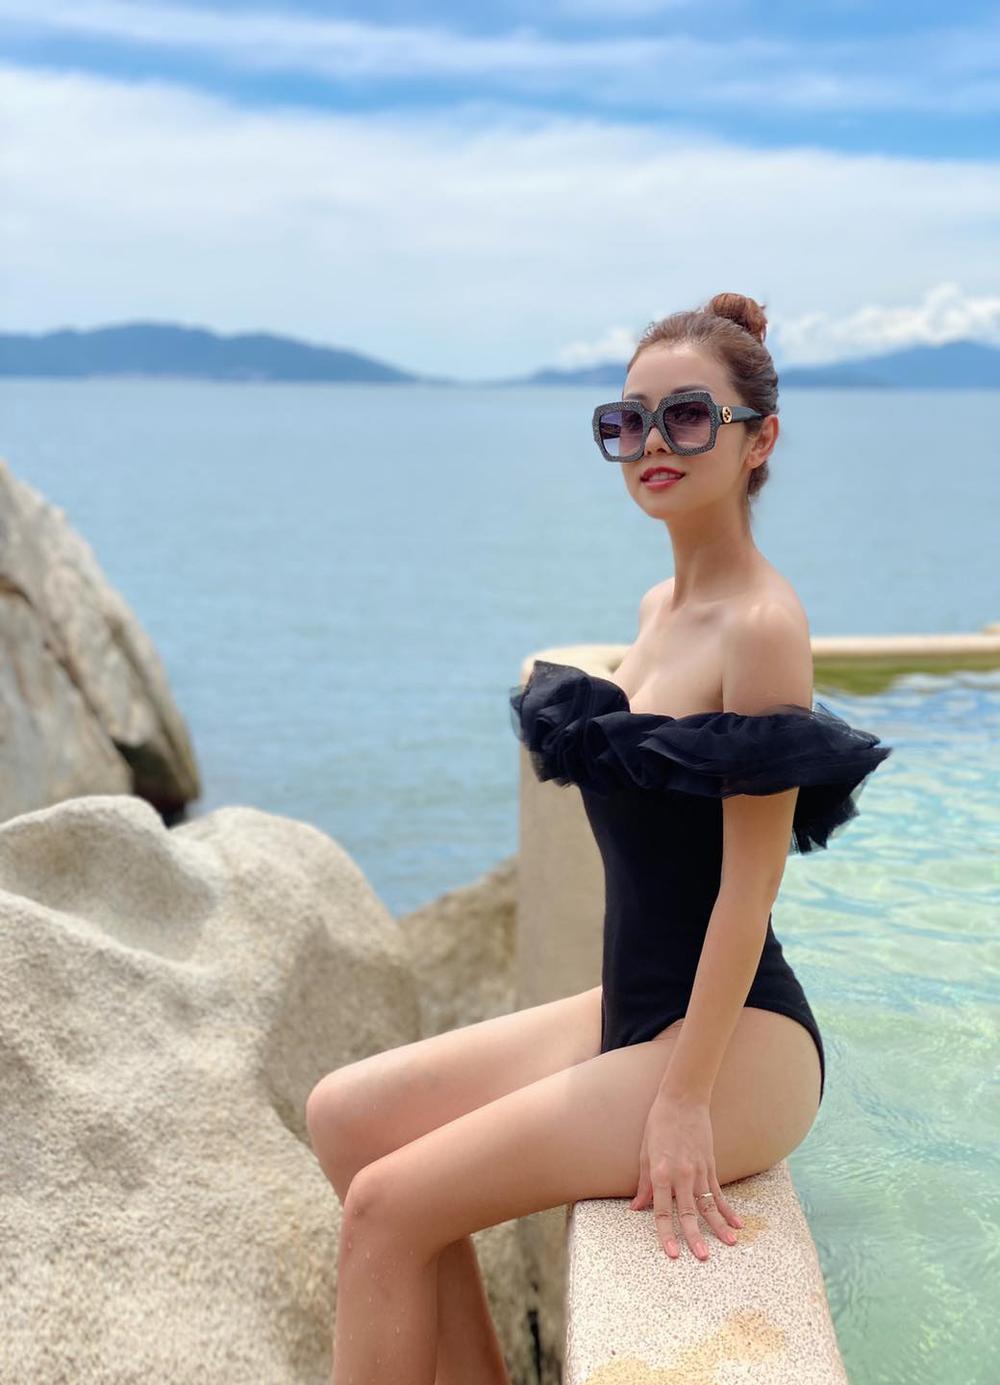 Hoa hậu Jennifer Phạm diện bikini khoe dáng nuột nà gợi cảm trước ống kính của chồng Ảnh 1